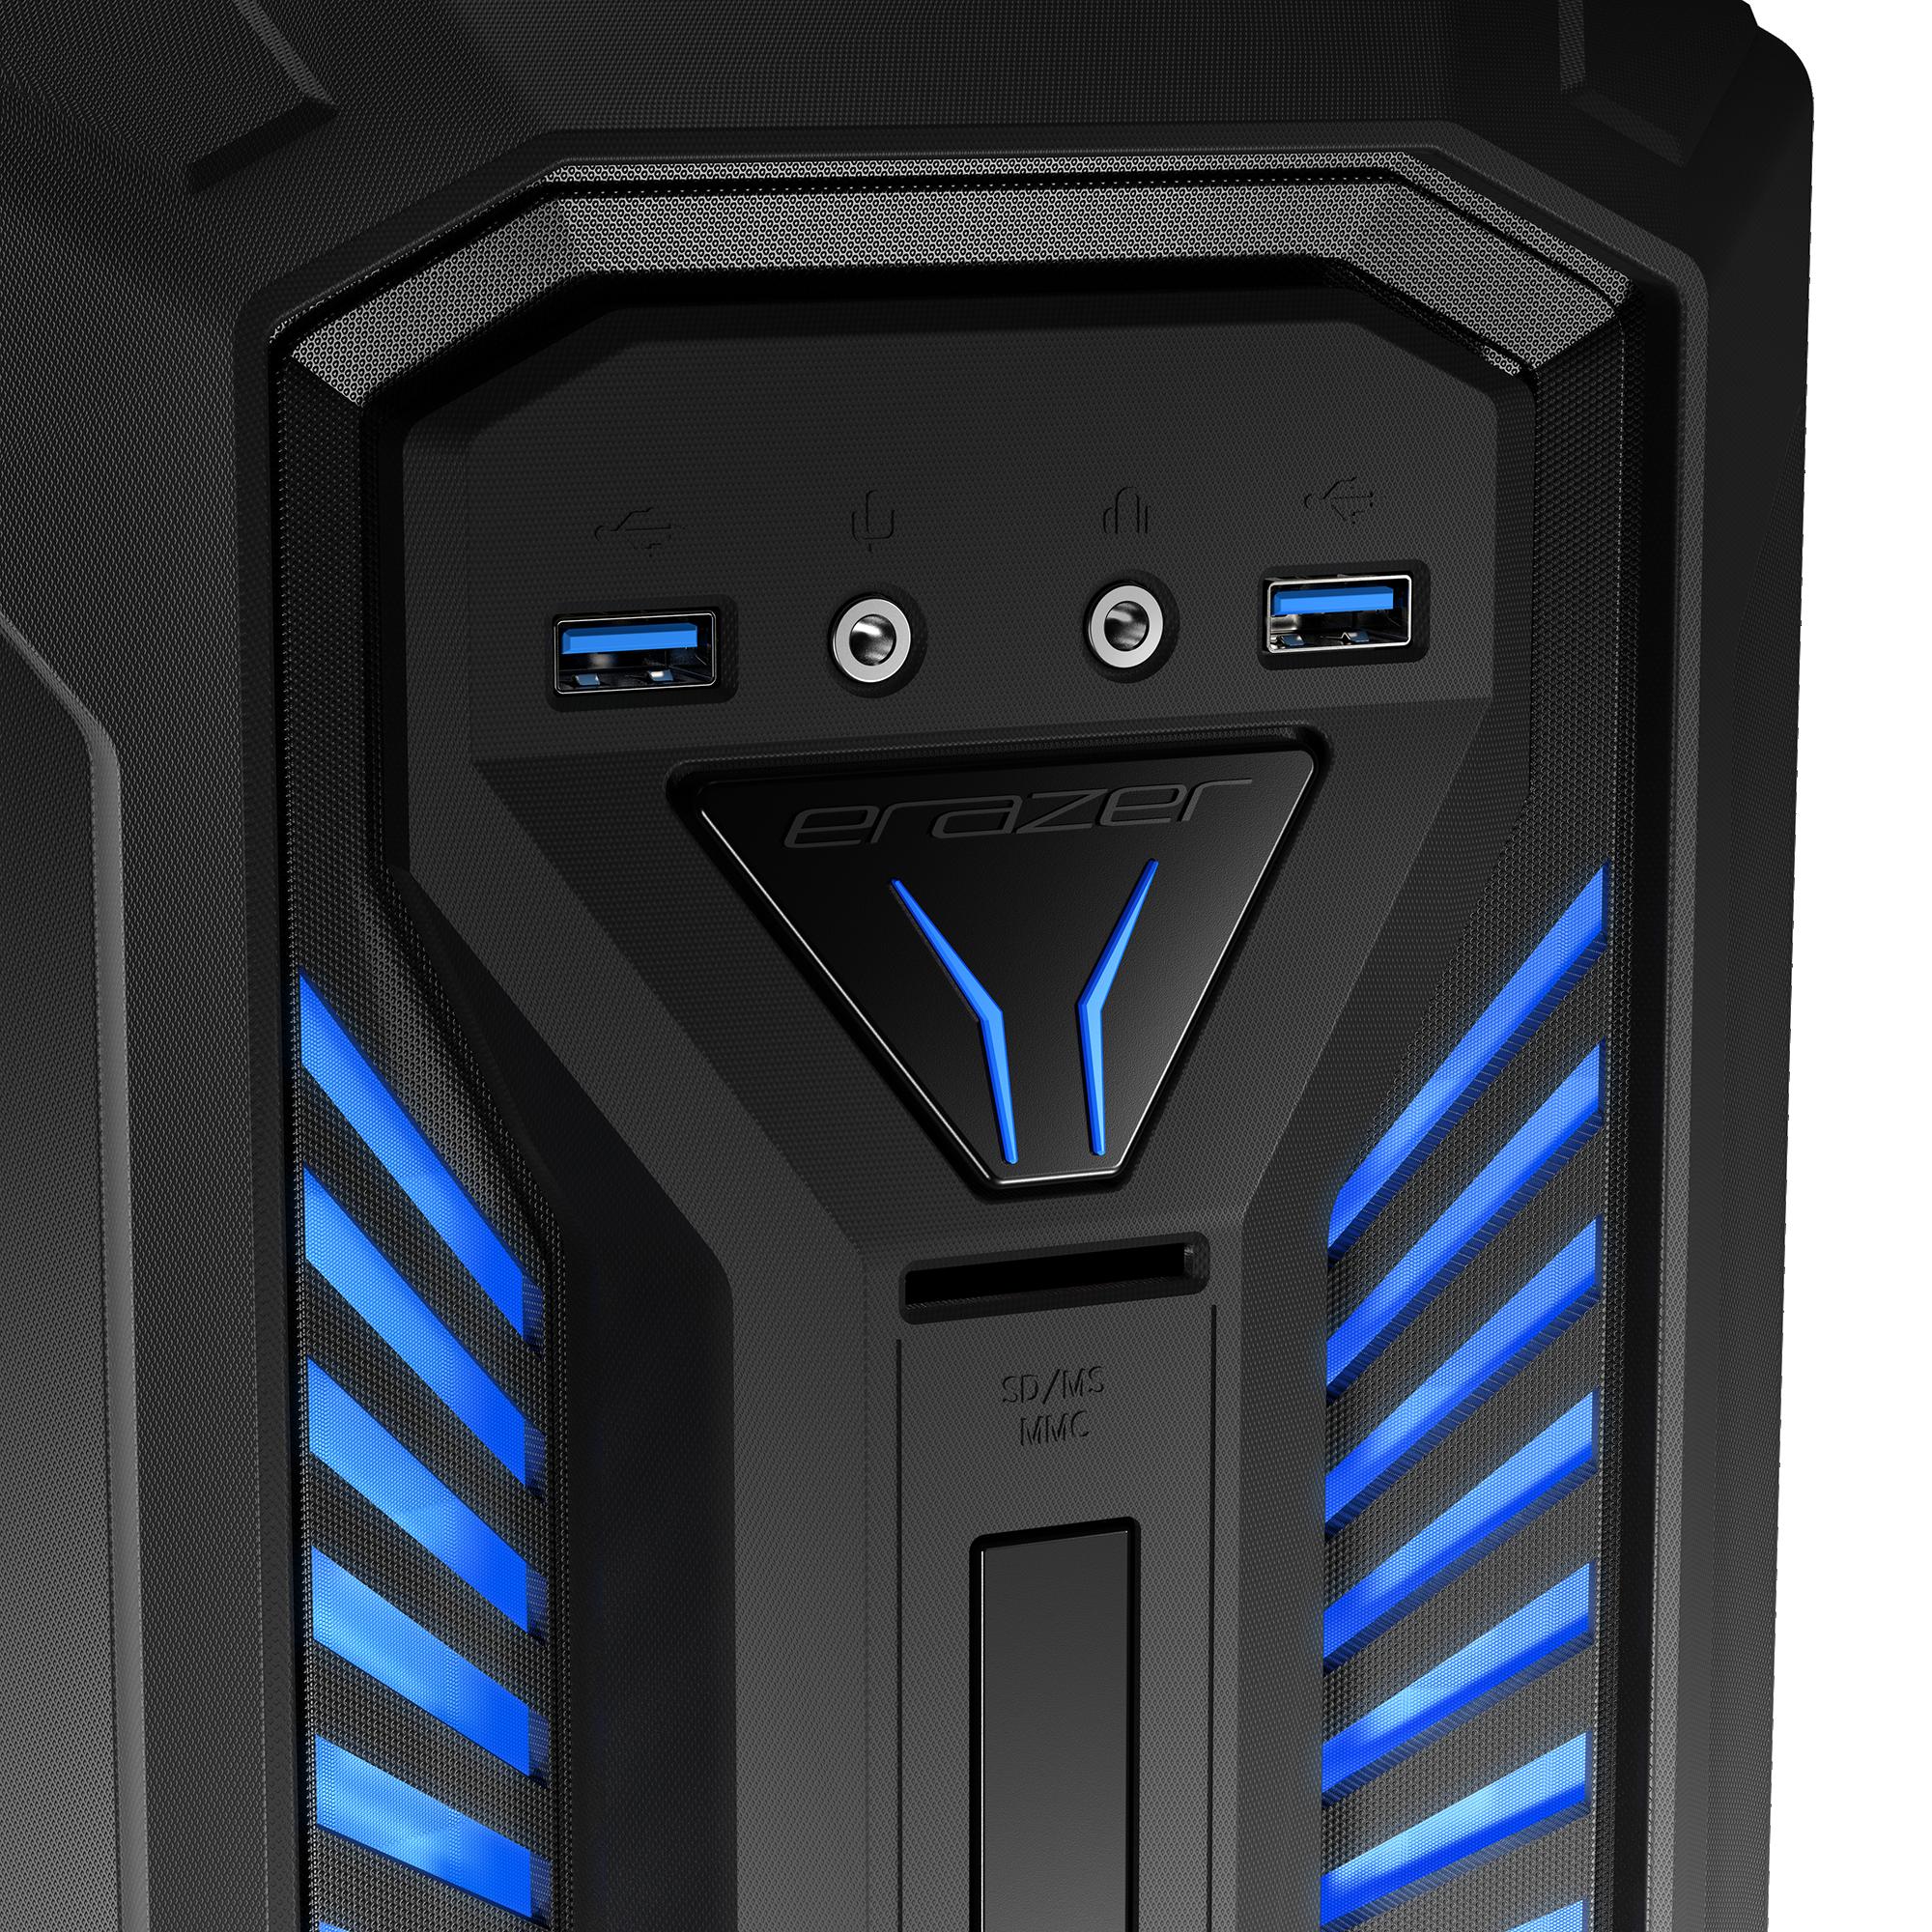 Vooraanzicht X30 behuizing met cardreader, USB 3.0 poorten en audio jack plugs